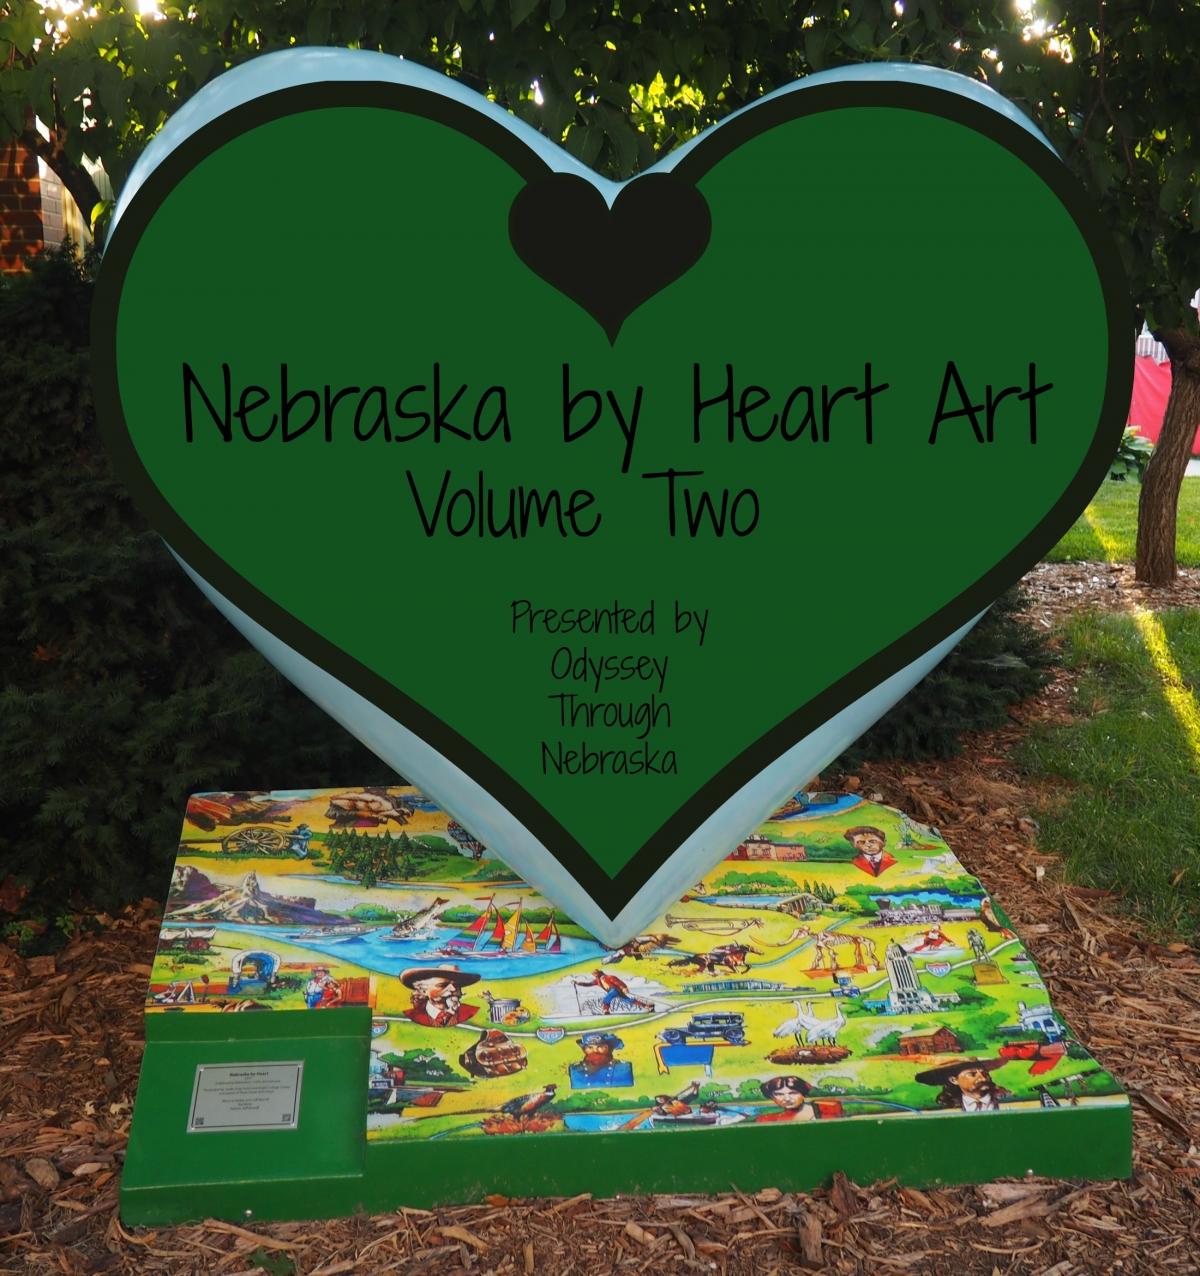 Nebraska by Heart Art Volume 2 in honor of the Nebraska sesquicentennial